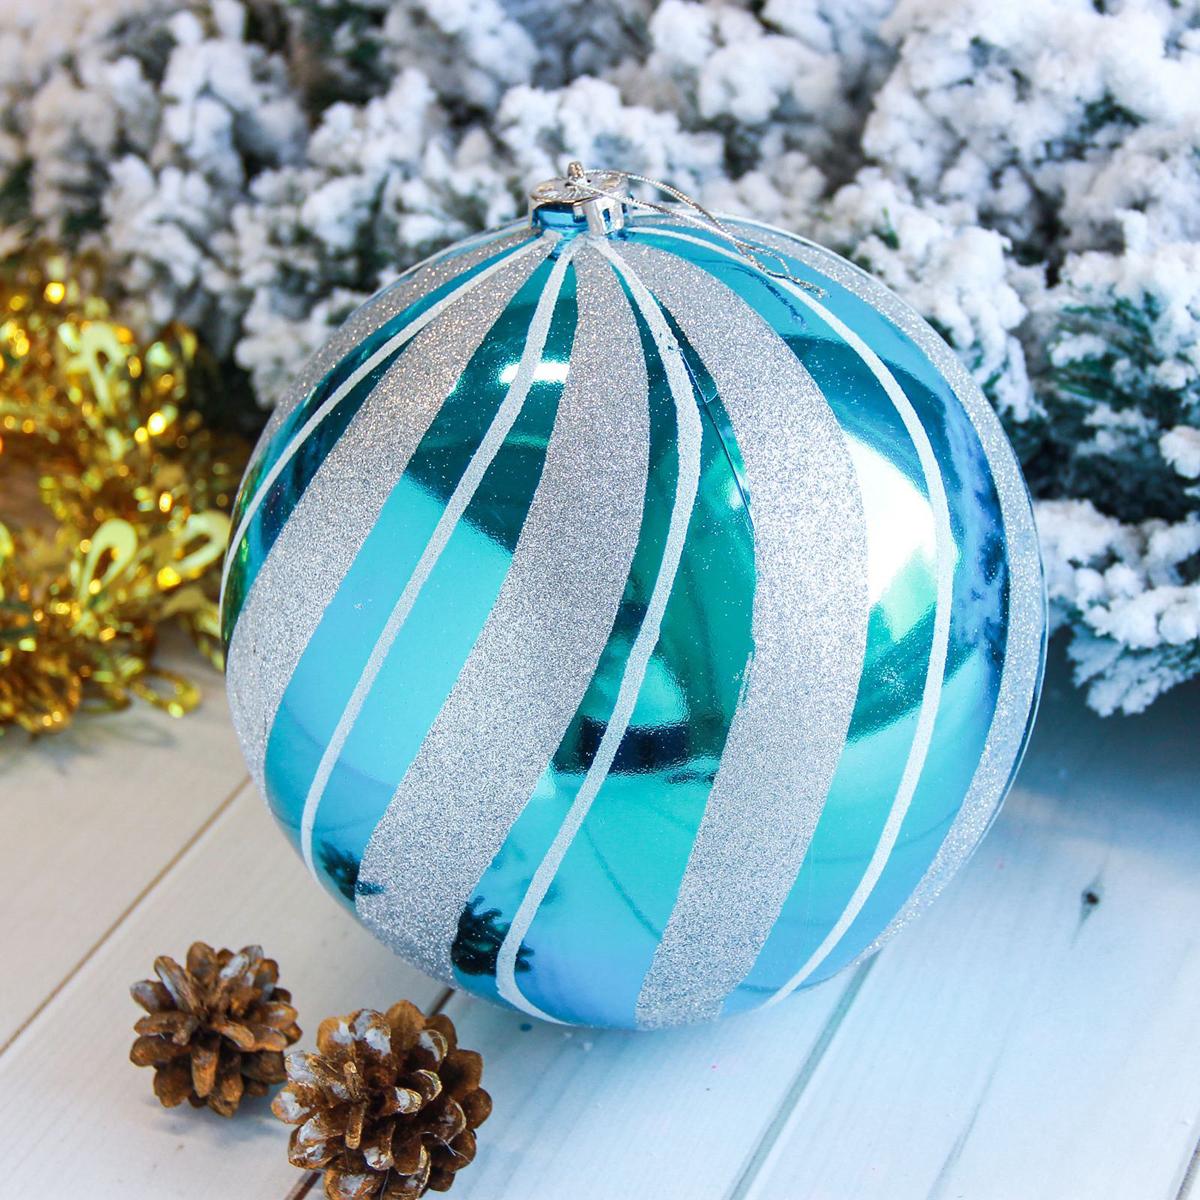 Новогоднее подвесное украшение Sima-land Мега. Полосы, диаметр 20 см. 2122925 новогоднее подвесное украшение sima land зимний узор диаметр 8 см